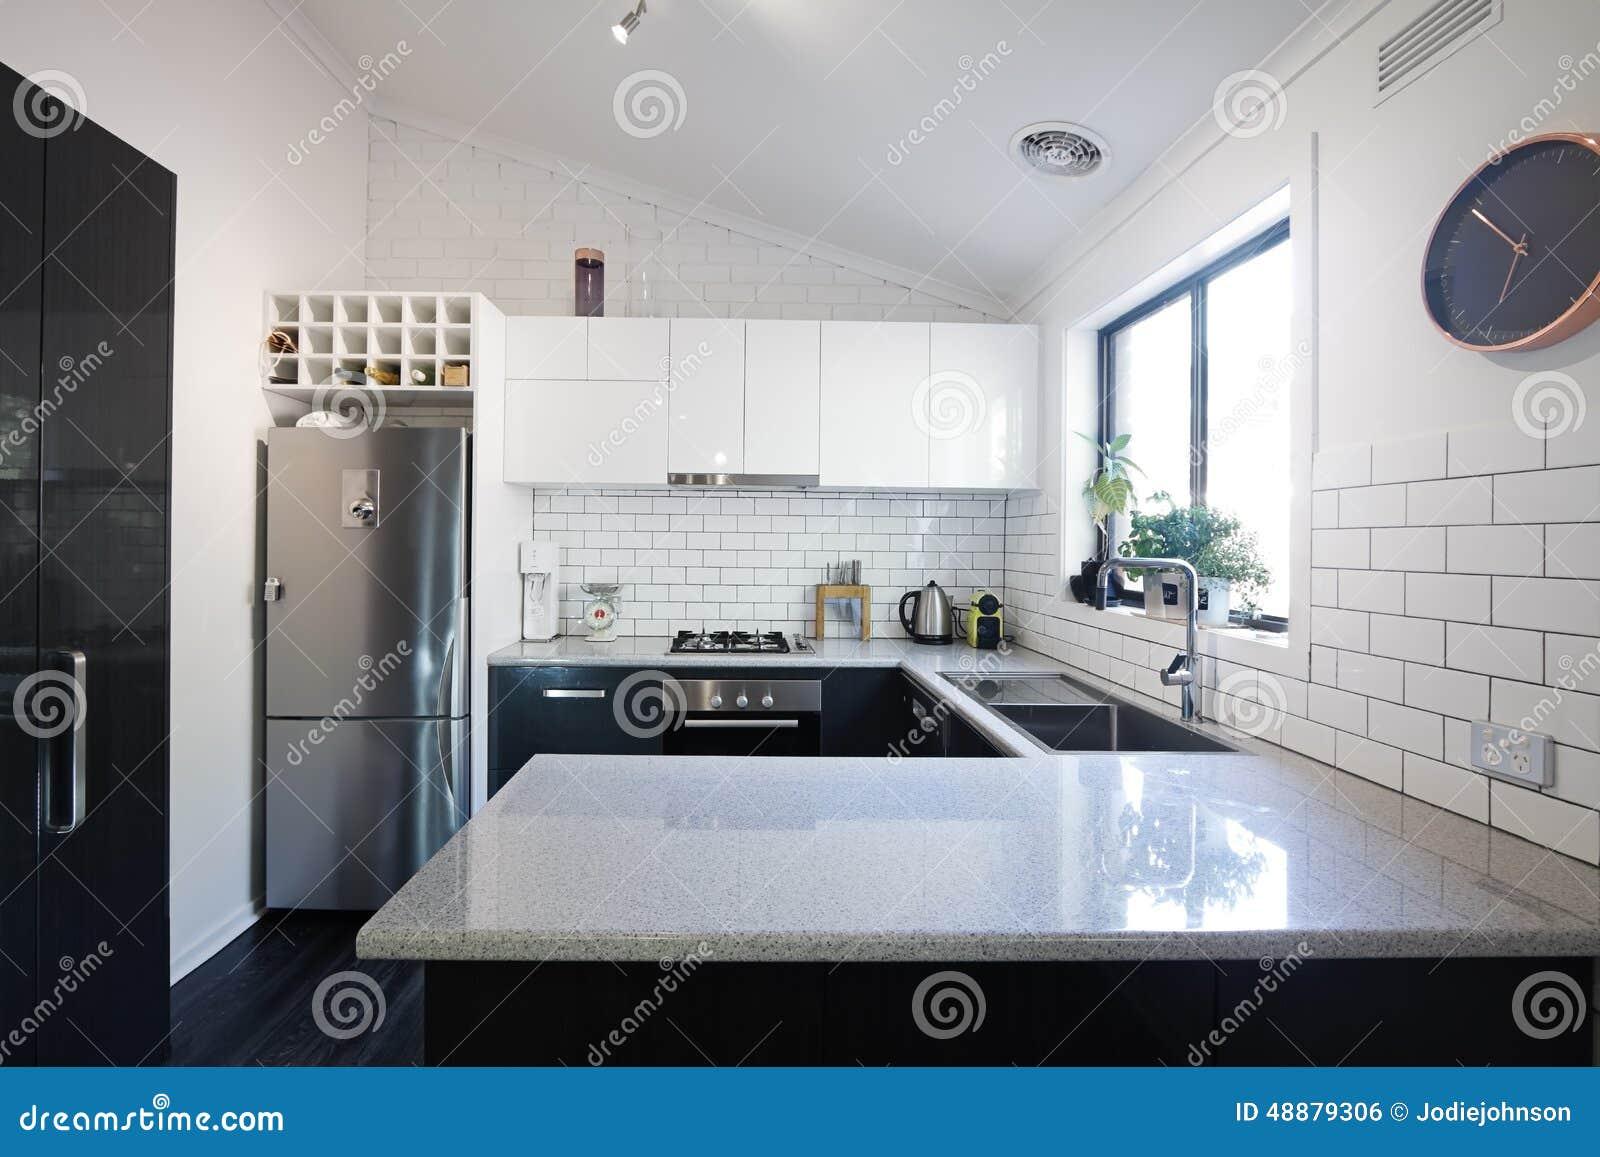 Nuova cucina contemporanea in bianco e nero con le mattonelle del